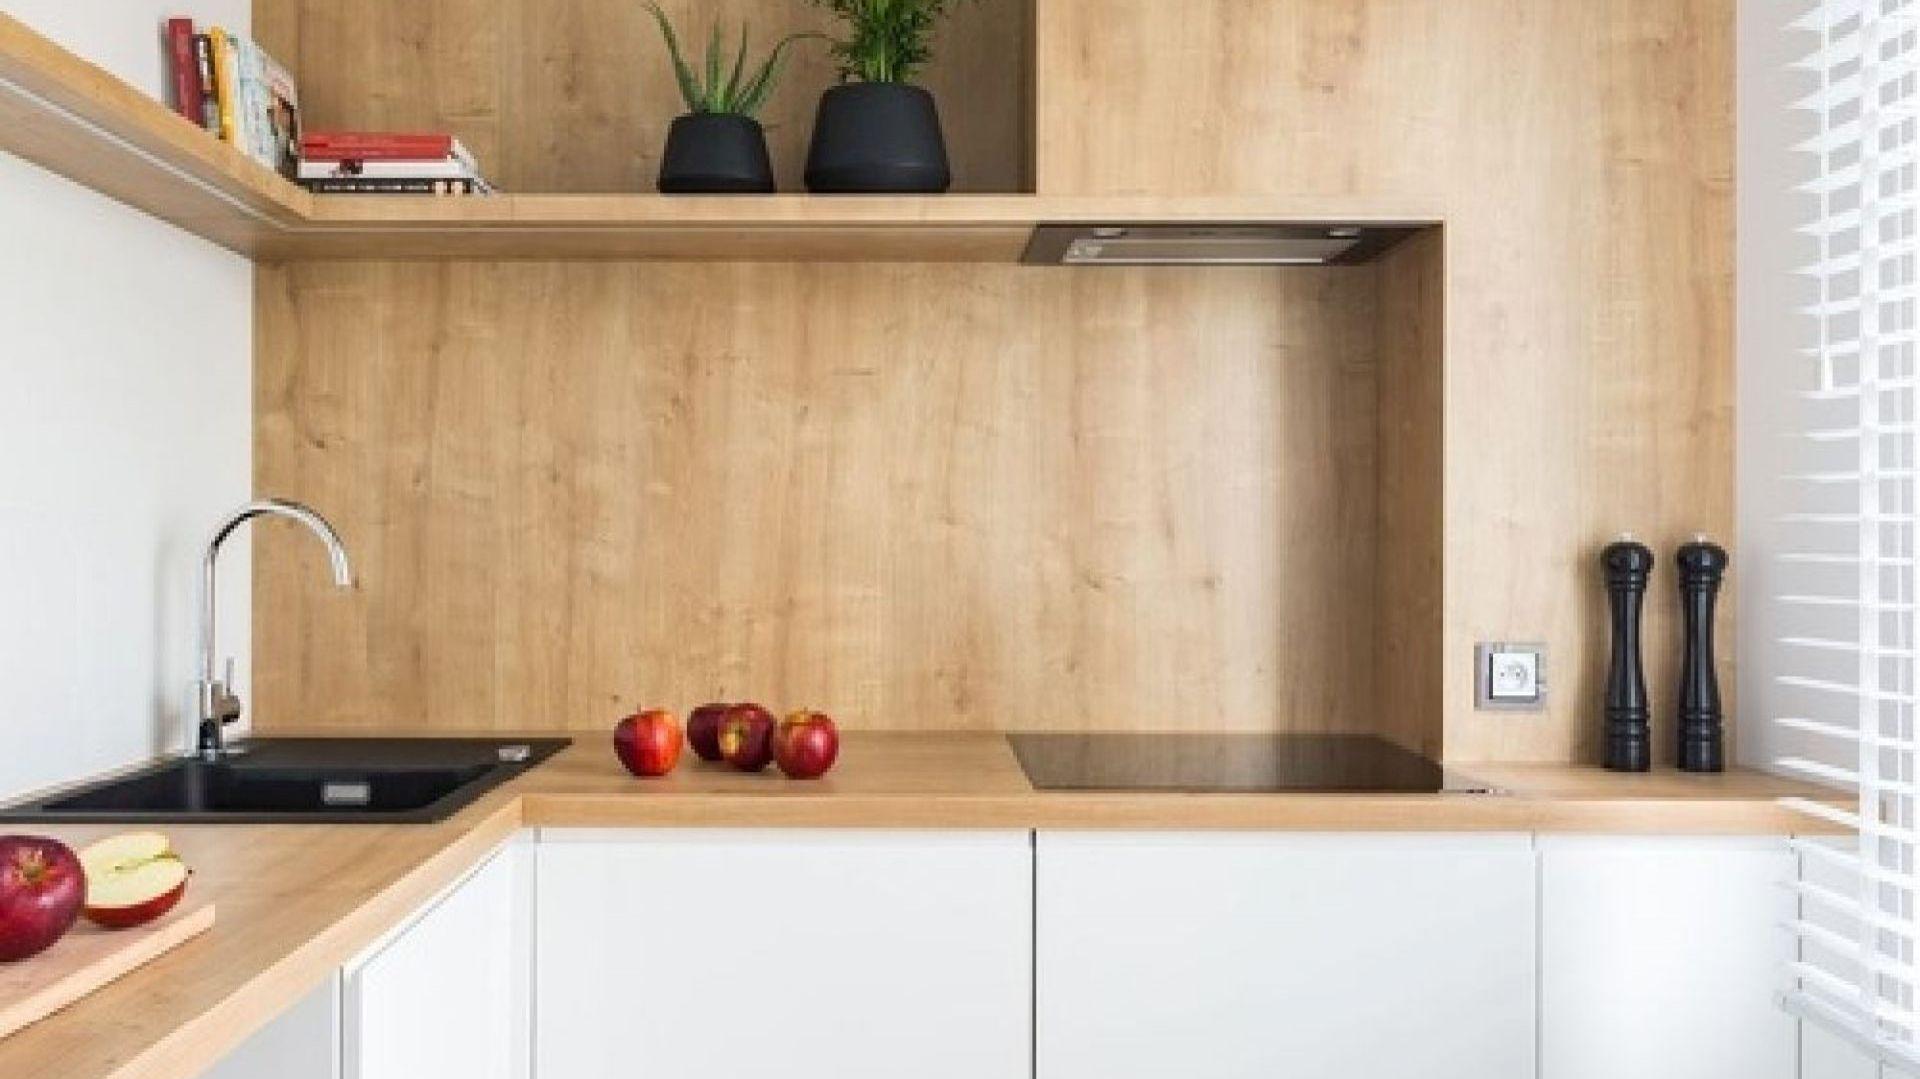 Fornir to okleina pochodzenia naturalnego posiadająca charakterystyczny dla drewna deseń, którego nie da się odwzorować za pomocą folii lub laminatu. Ok. 78 zł/m2. Fot. JAF Polska